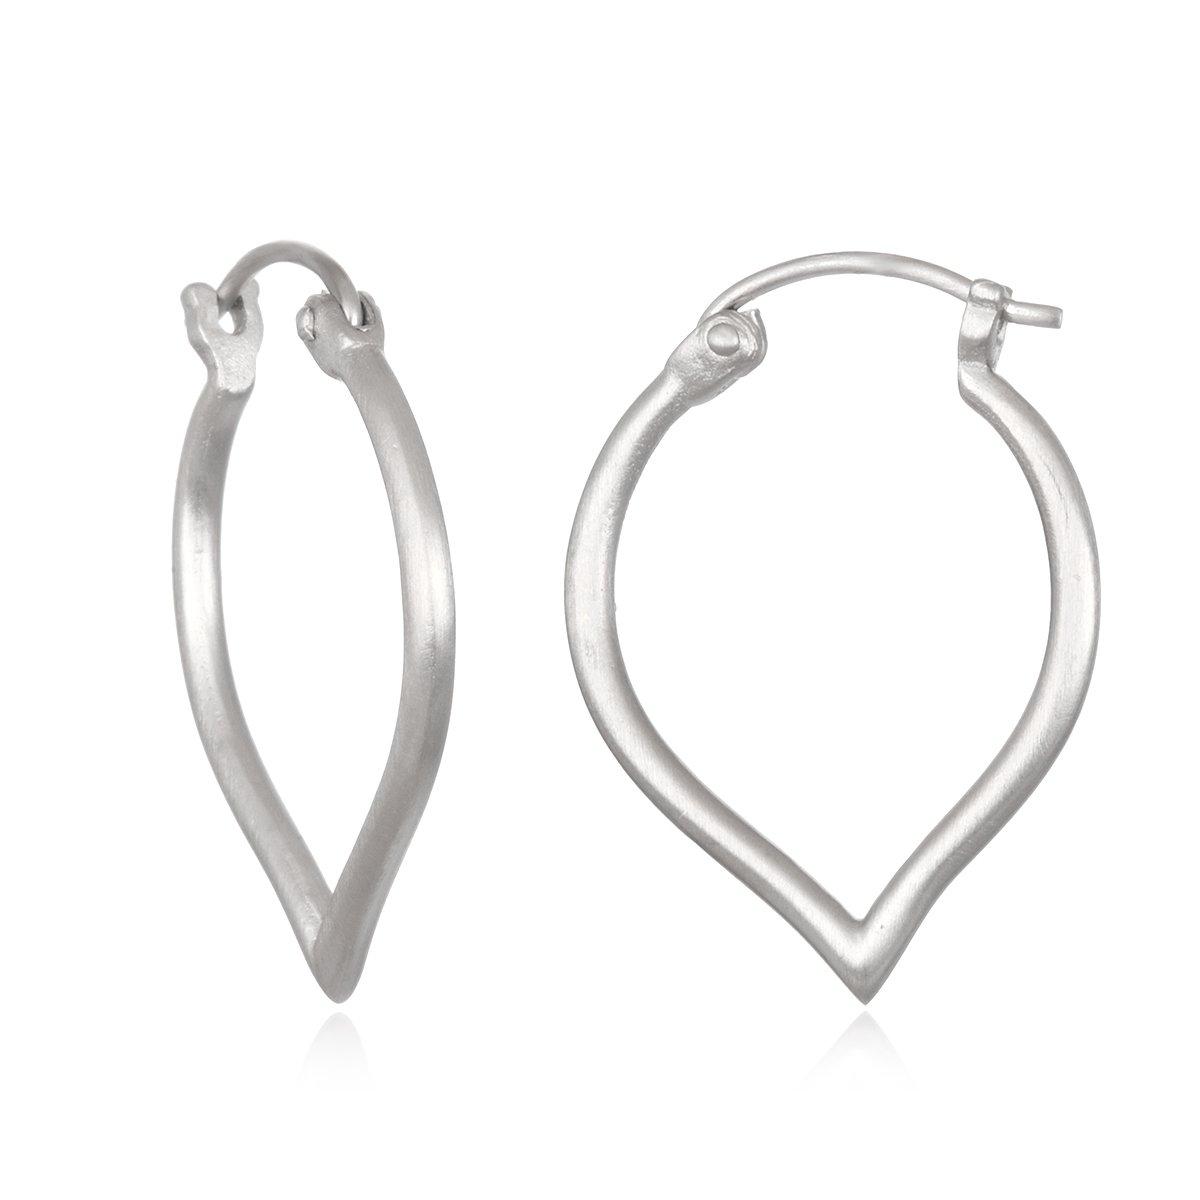 Satya Jewelry Womens Silver Heart Earrings, One Size